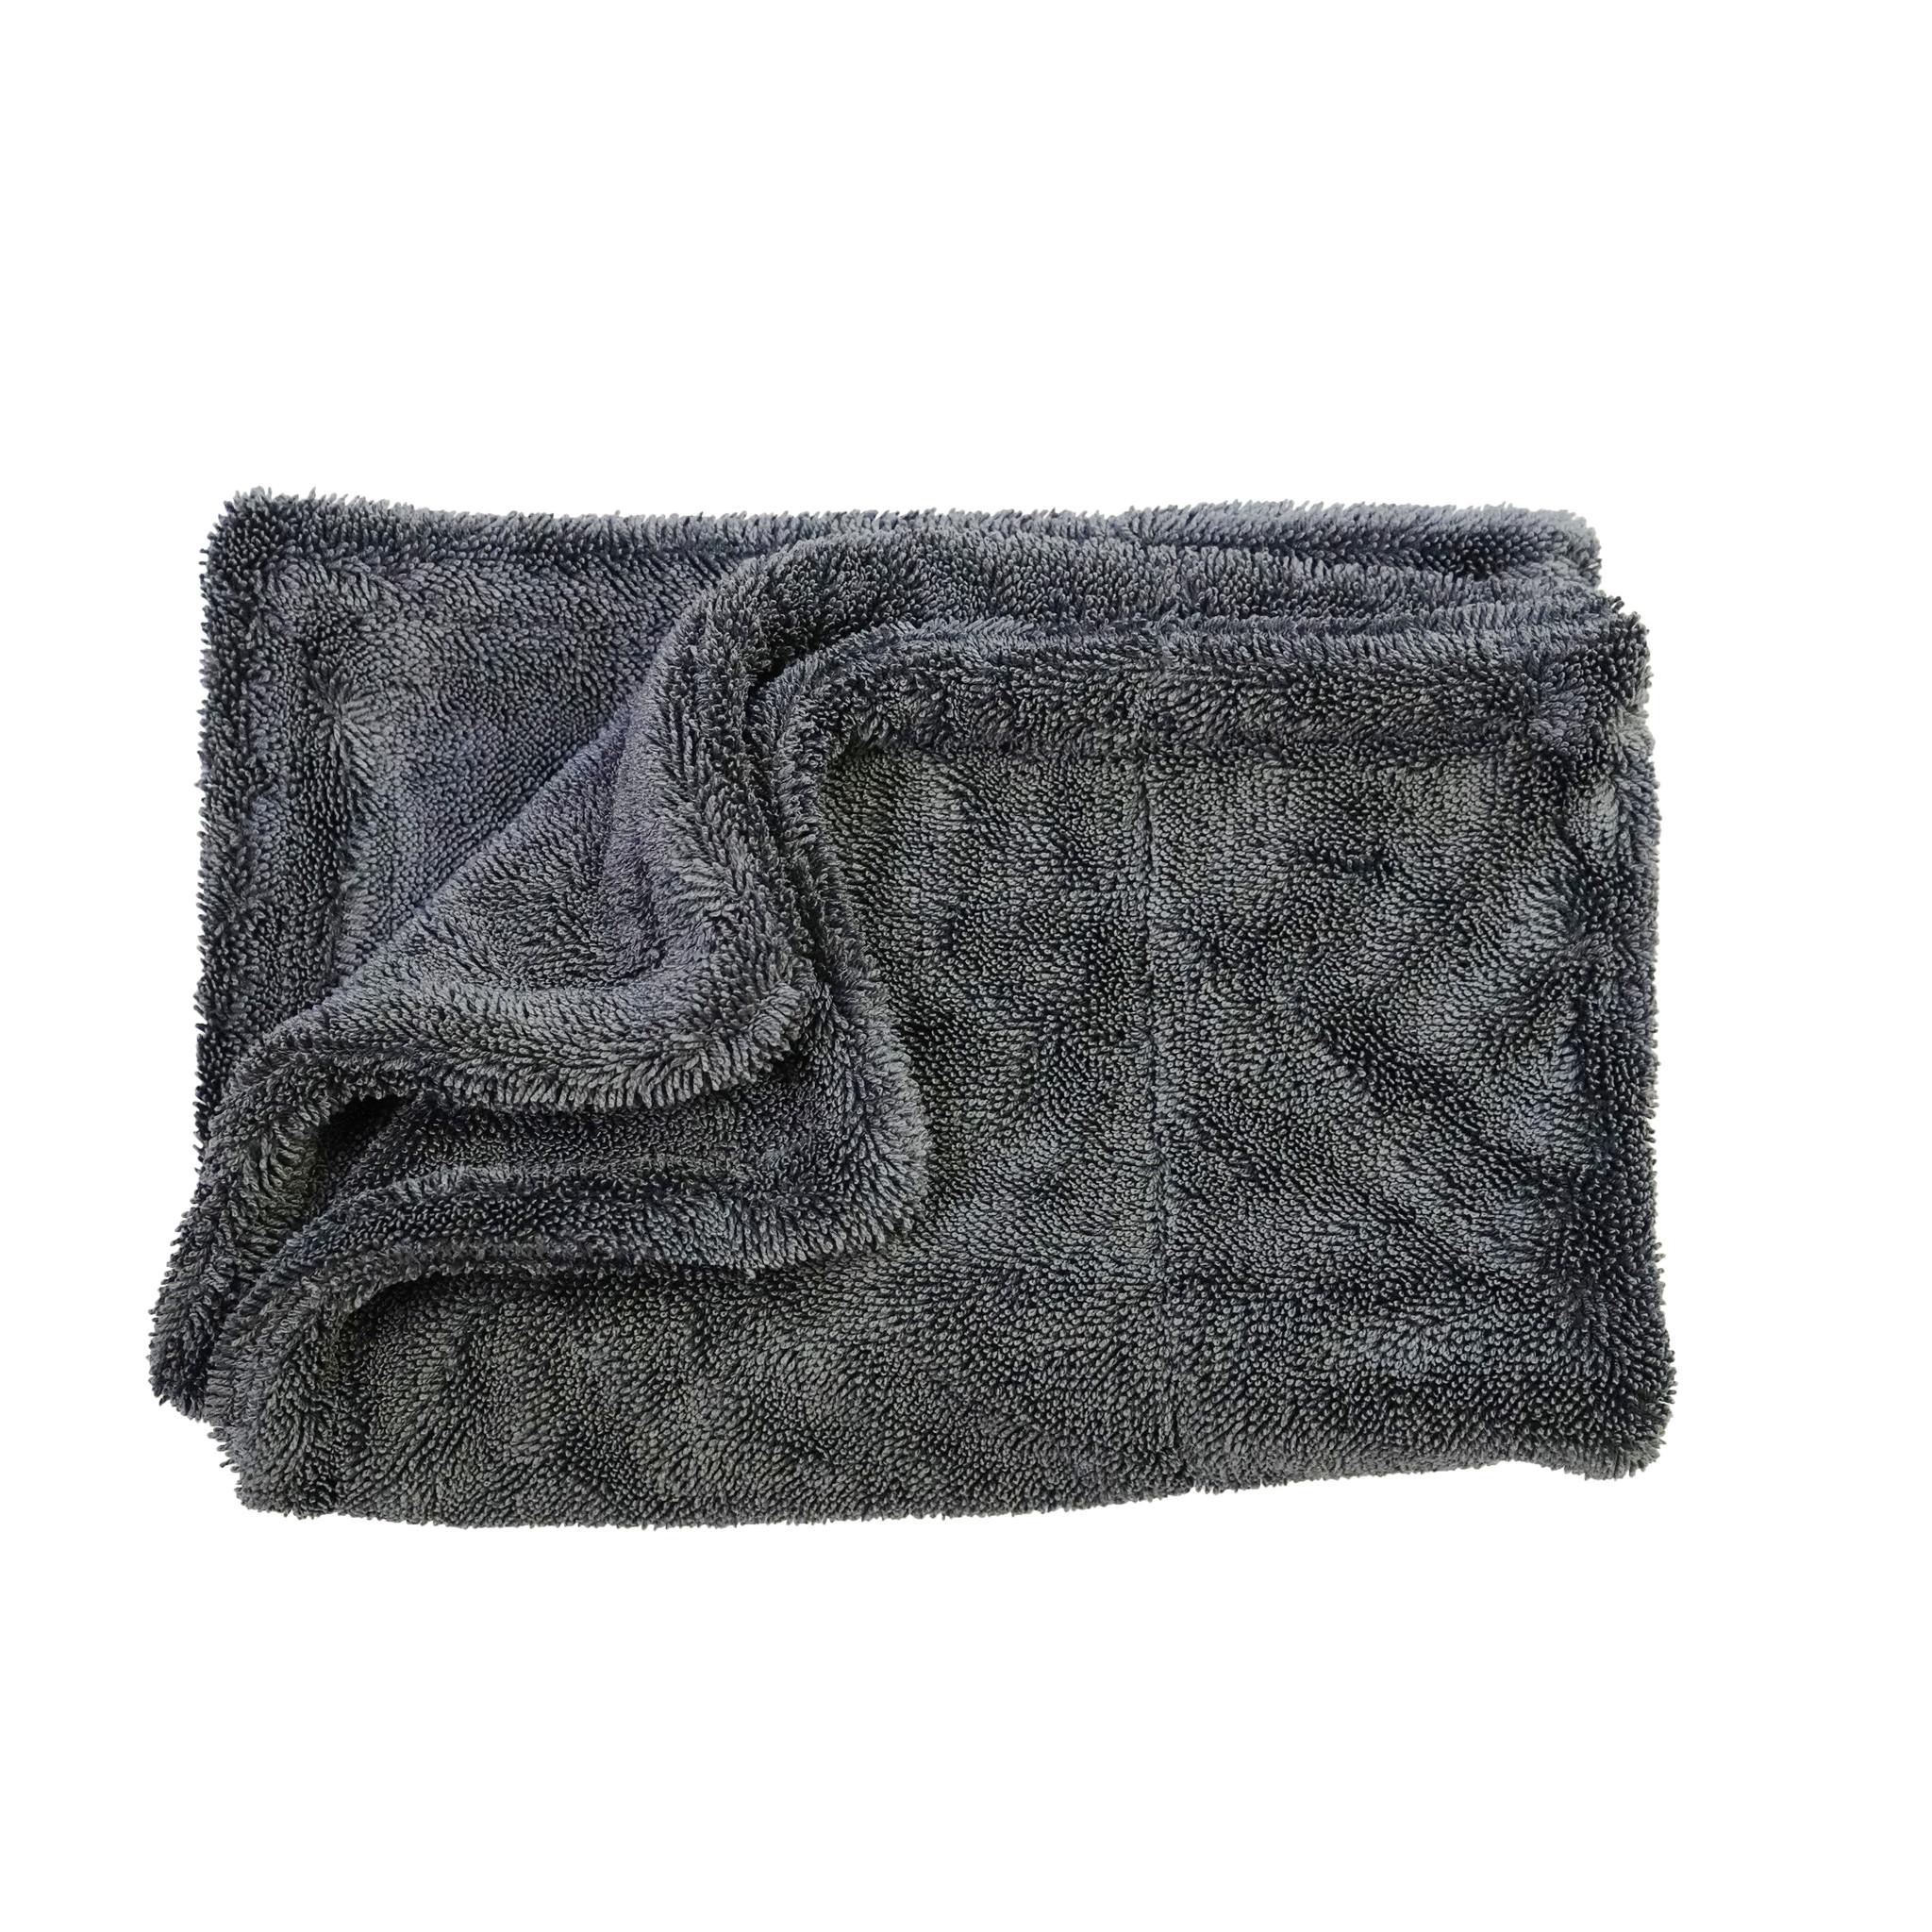 Ewocar Ewocar Special Drying Towel 60x40cm